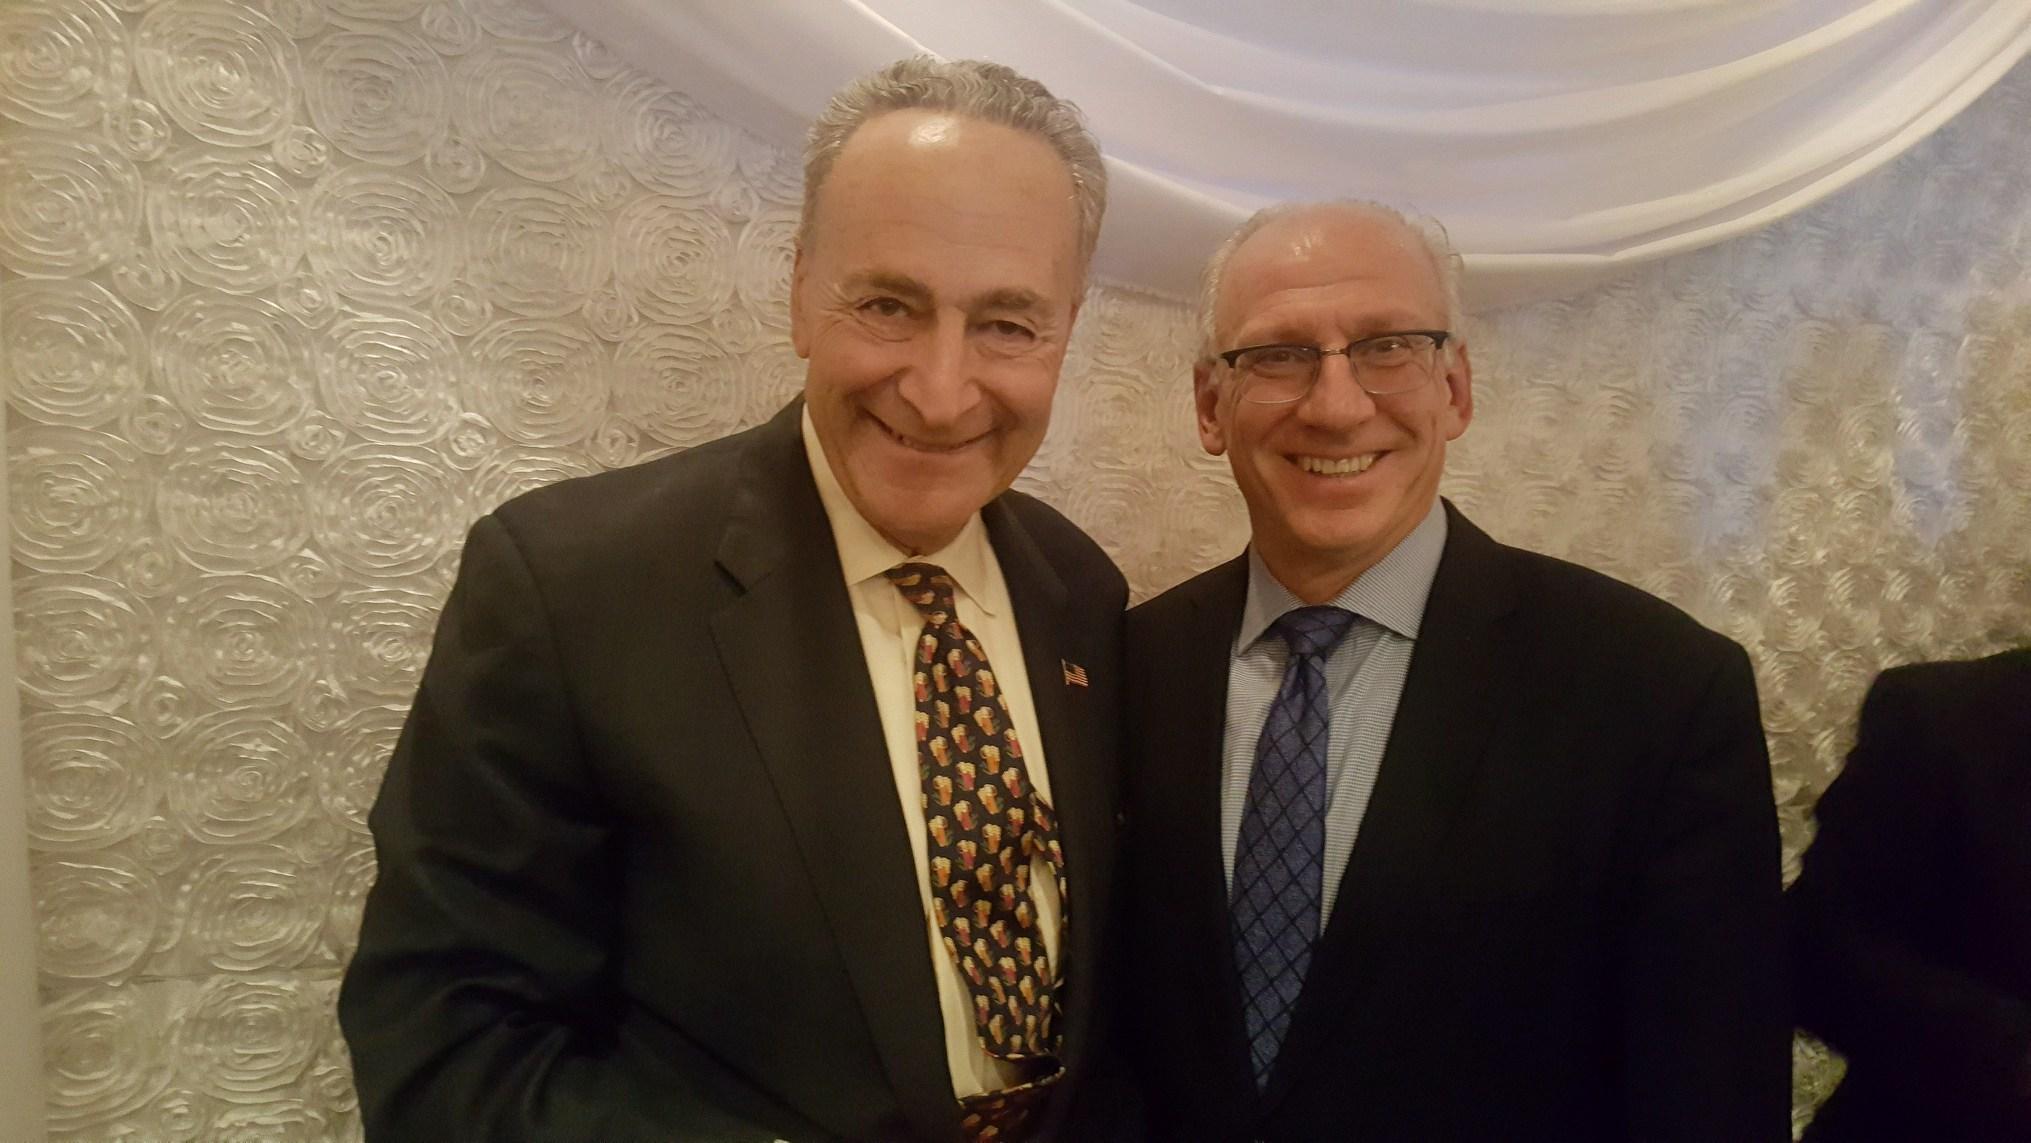 Davidoff Hutcher and Citron attorney Arthur Goldstein with Chuck Schumer